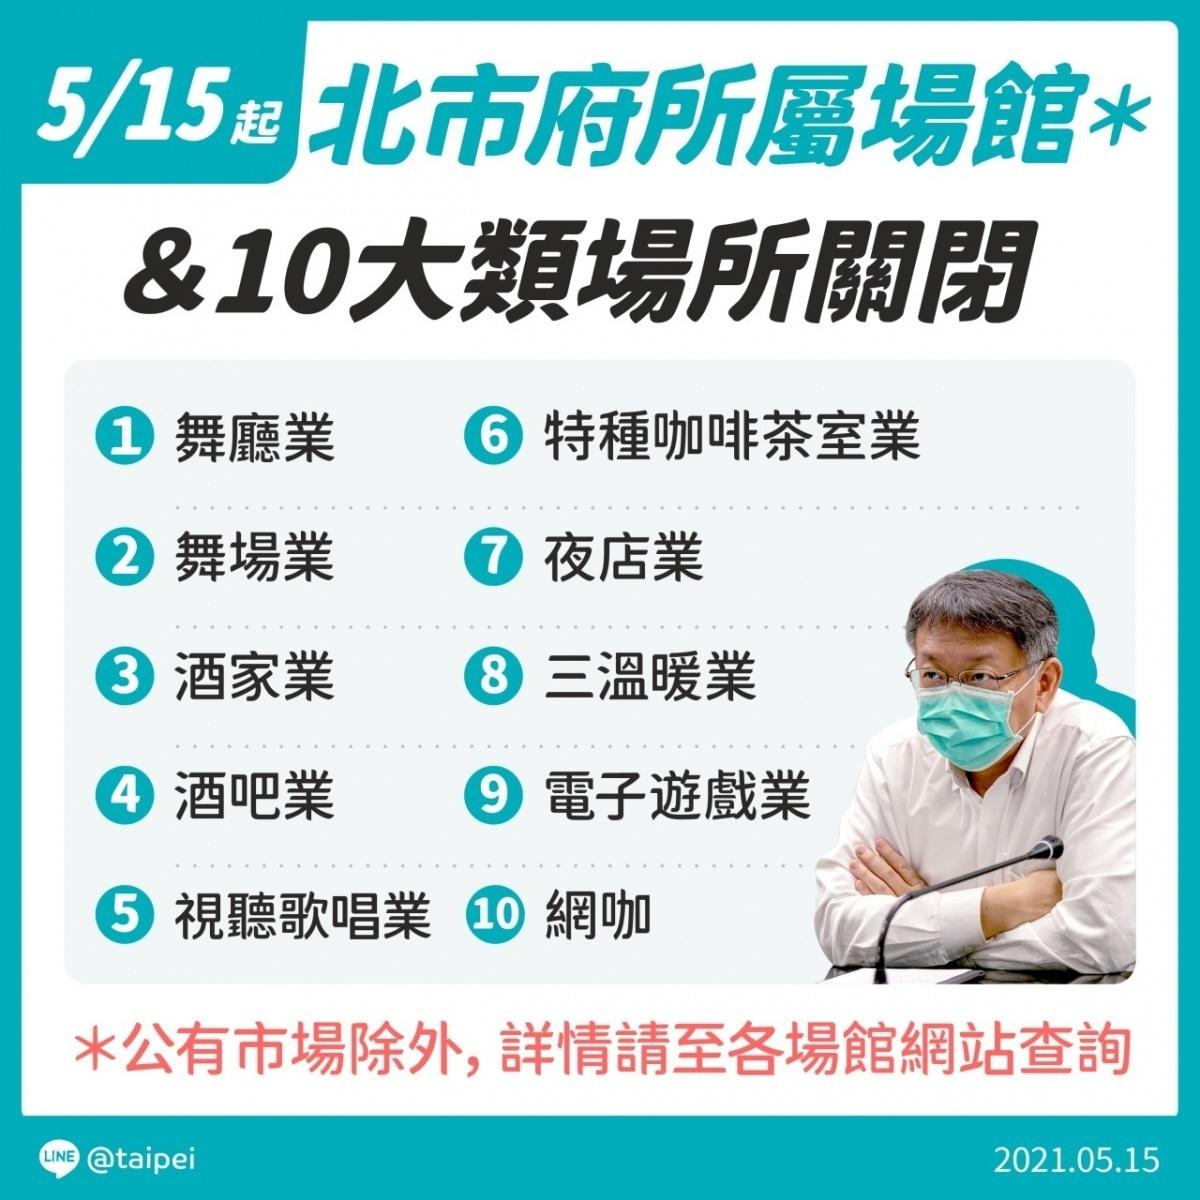 萬華茶藝館群聚疫情續燒 北市宣布5/15起酒吧、網咖等十類場所暫關閉